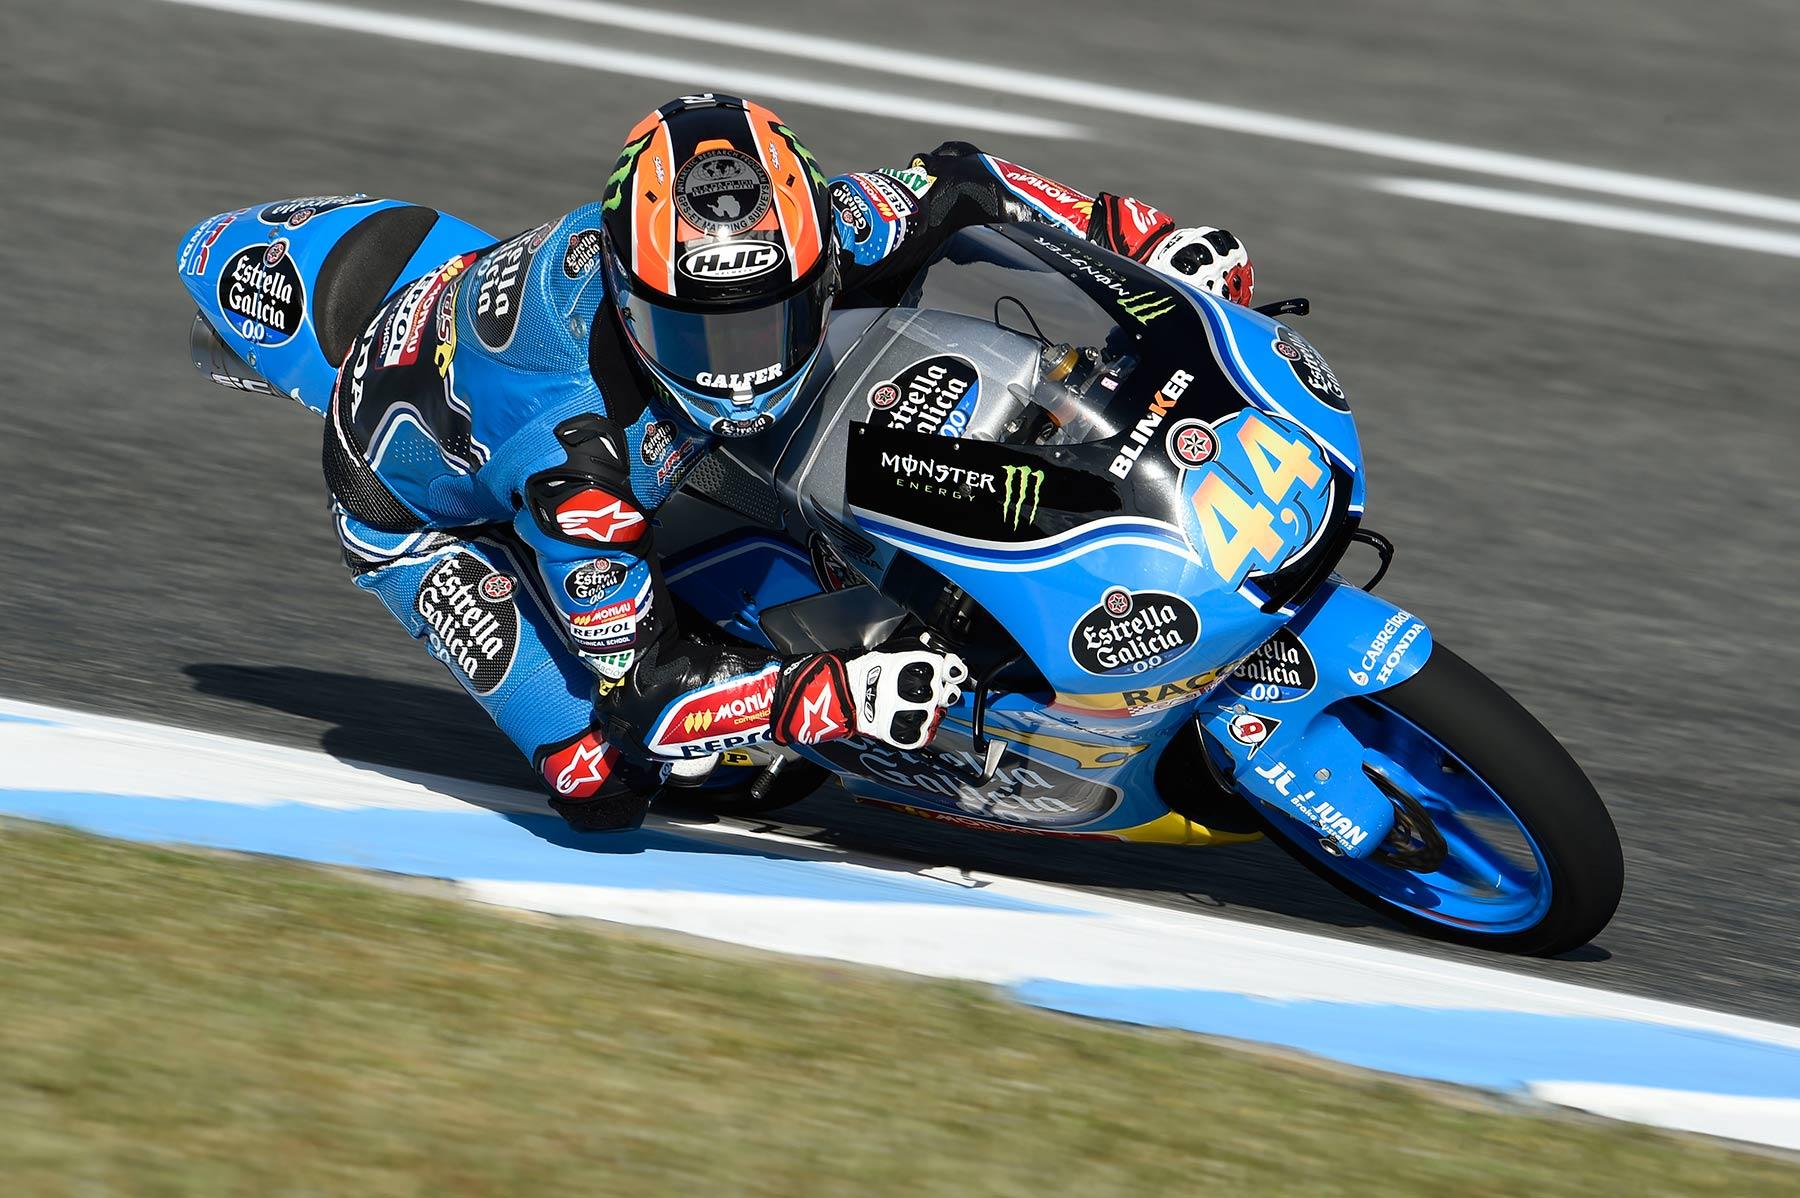 Arón Canet gana un espectáculo de carrera de Moto3 en Jerez